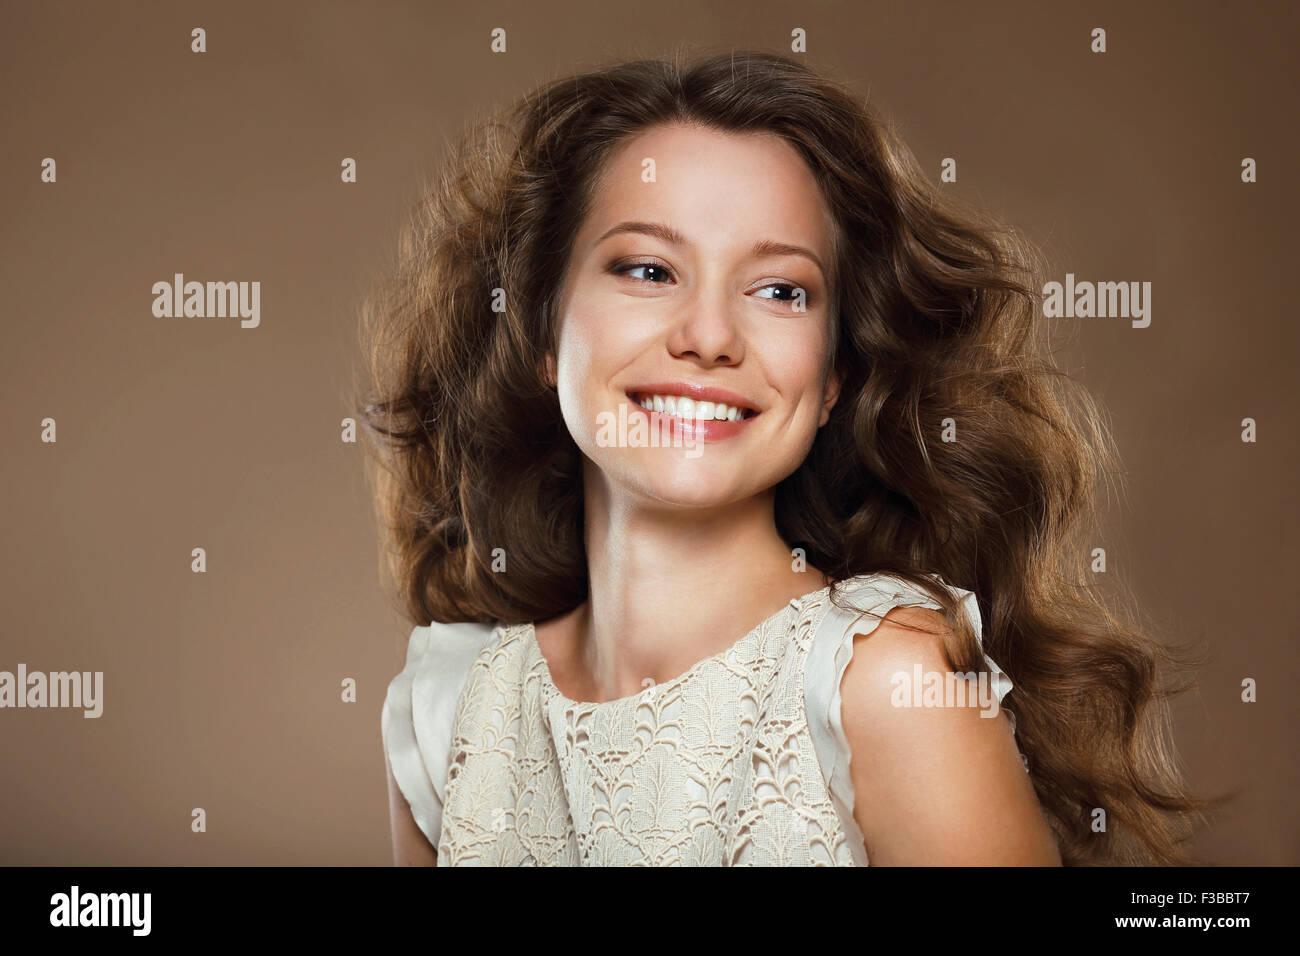 Gran Sonrisa. Retrato de Feliz Morena preciosa Imagen De Stock